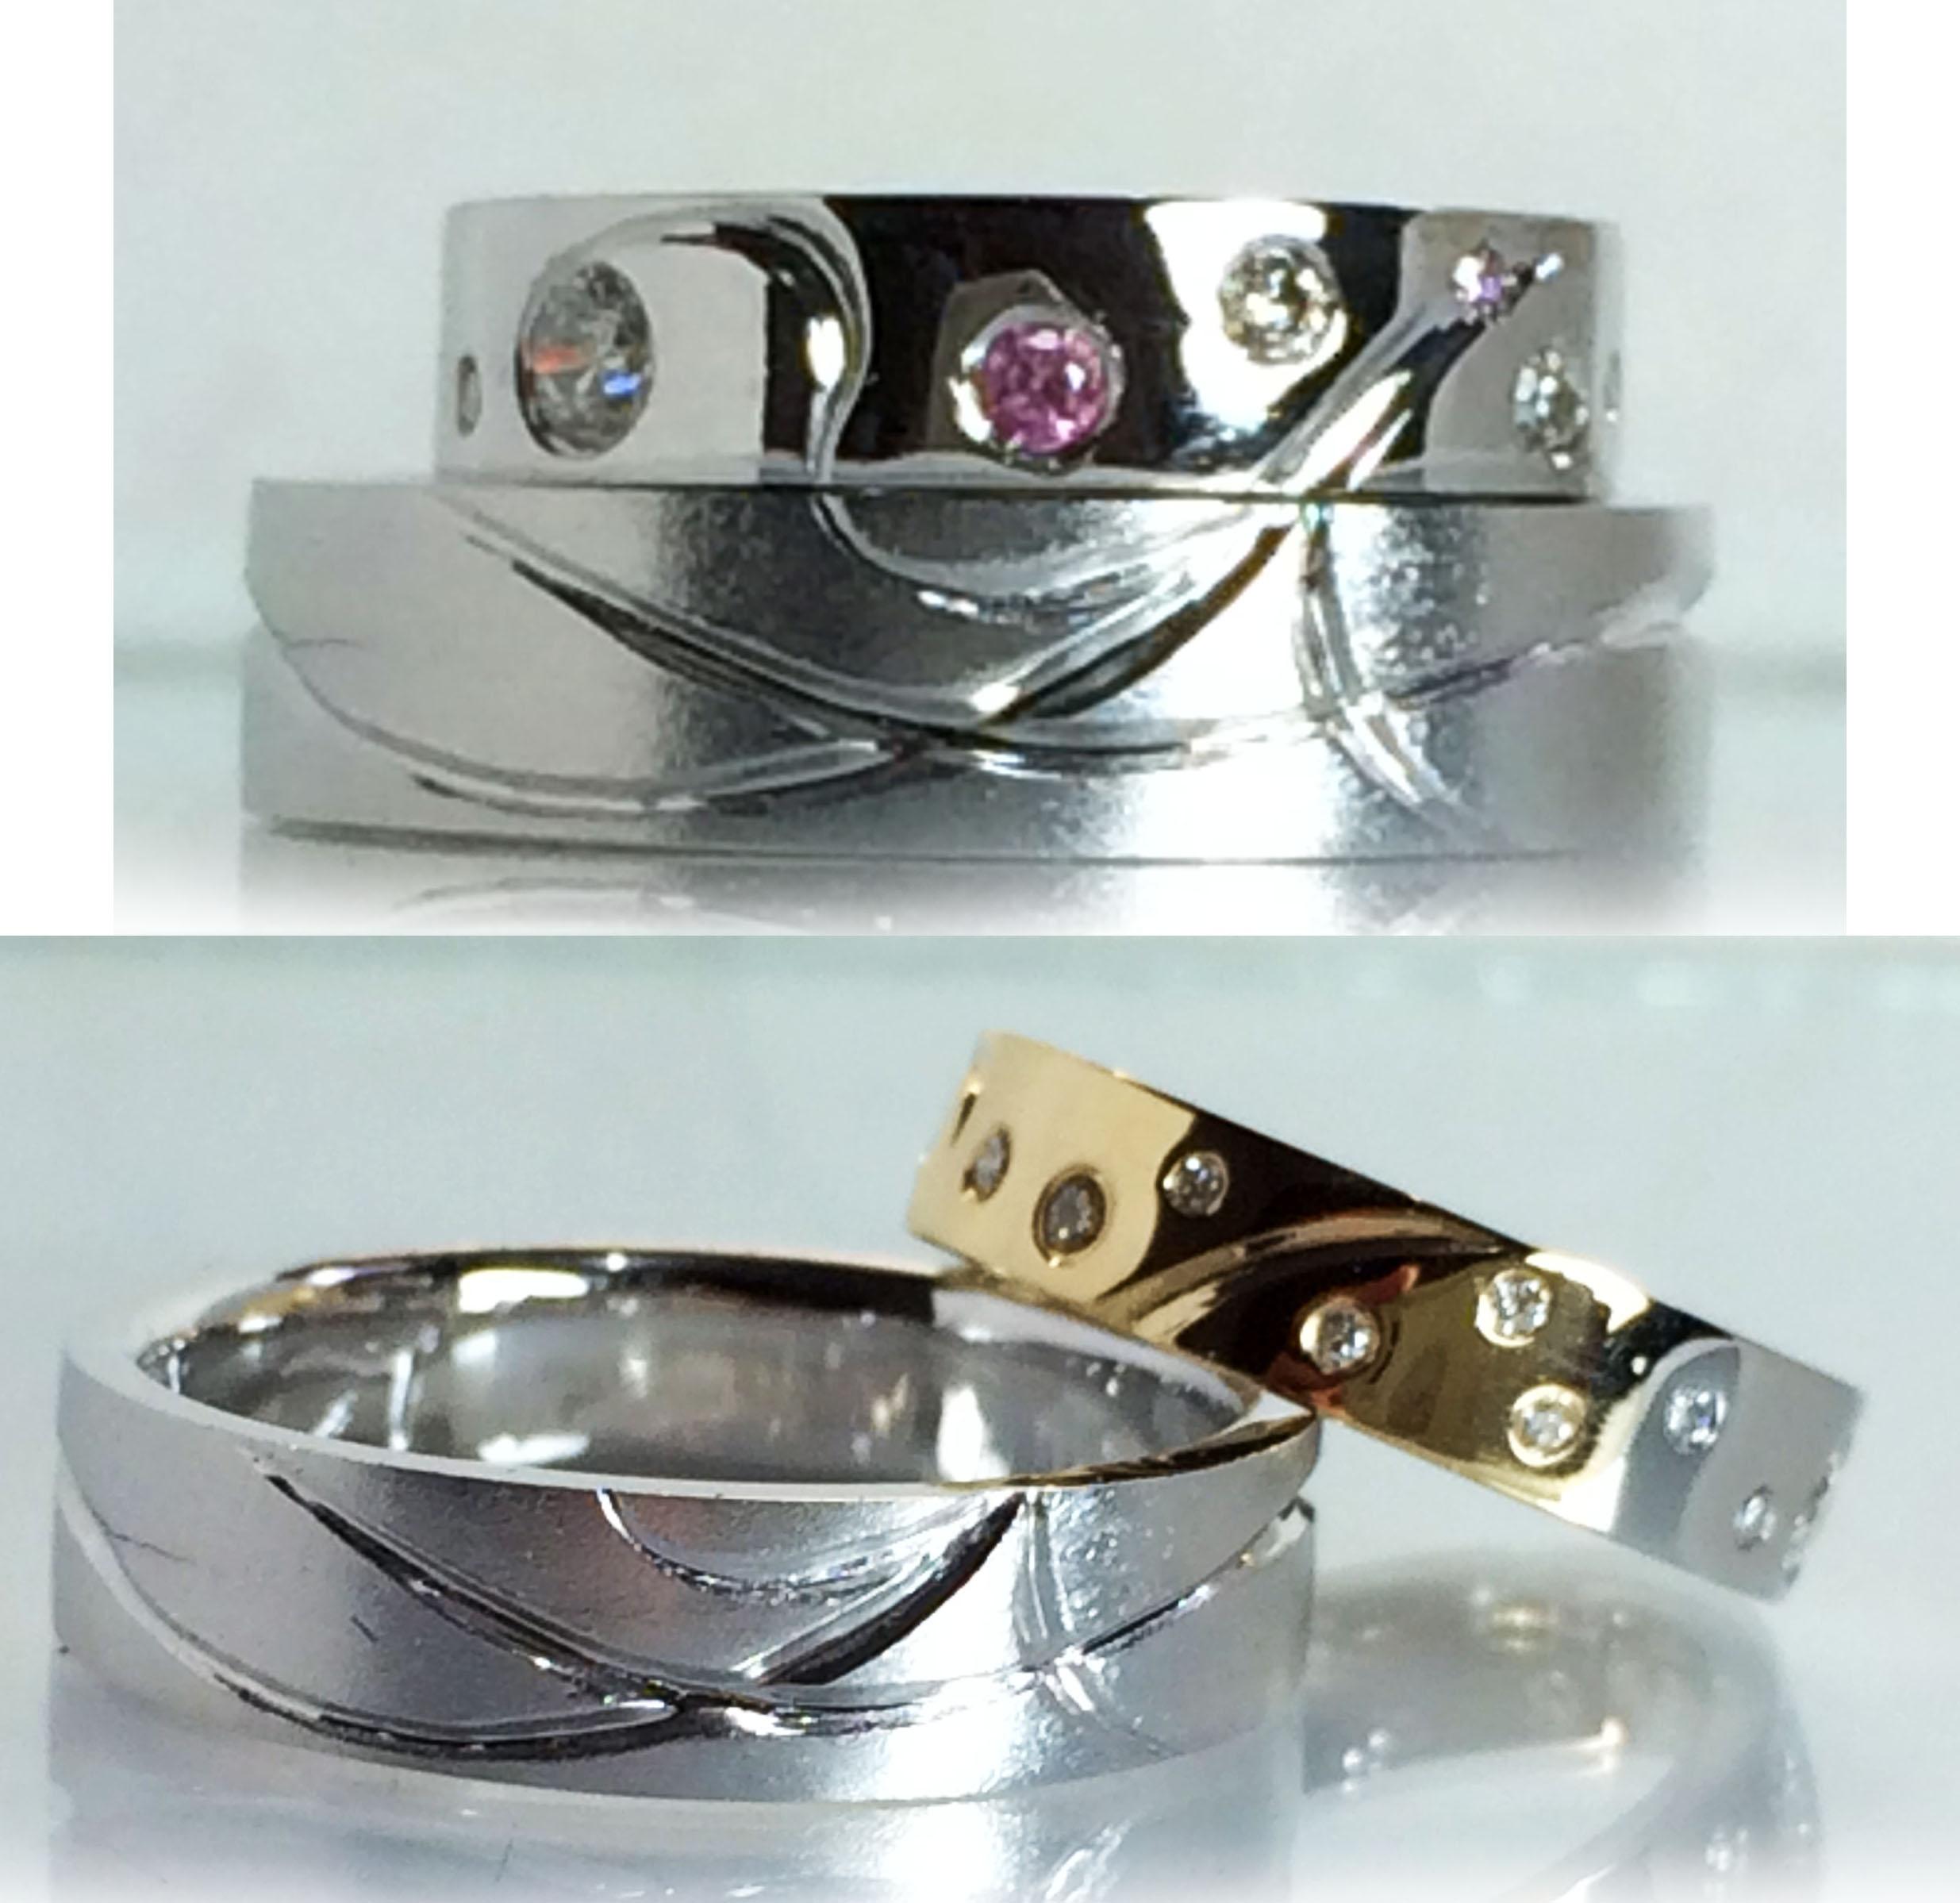 <p>デザインの仕上がりがコチラ!世界で1つだけのオリジナル結婚指輪の完成!</p>